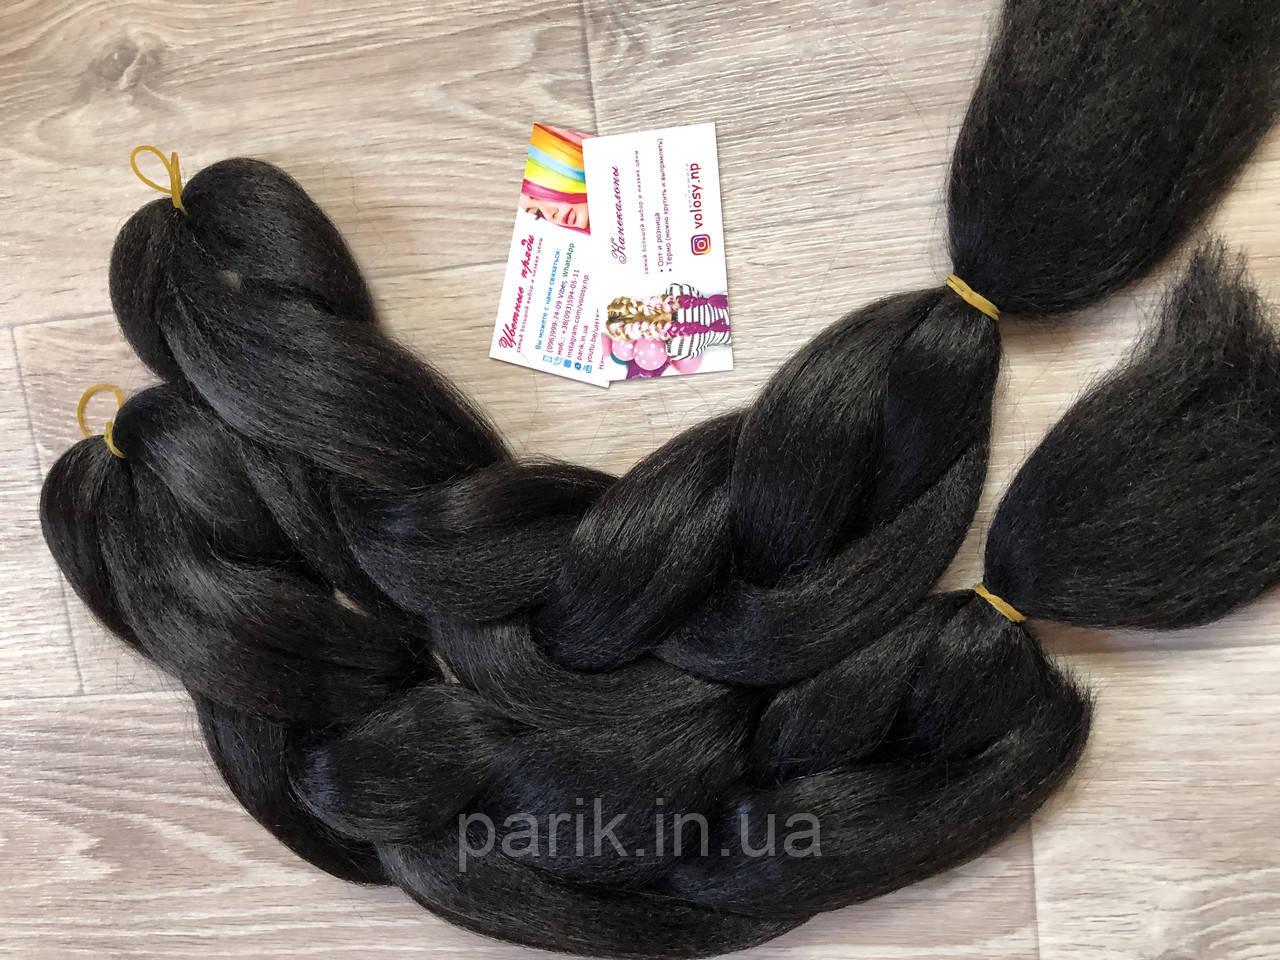 🖤 Канекалон Однотонный, пряди цветные искуссвенных волос для кос, черный 🖤